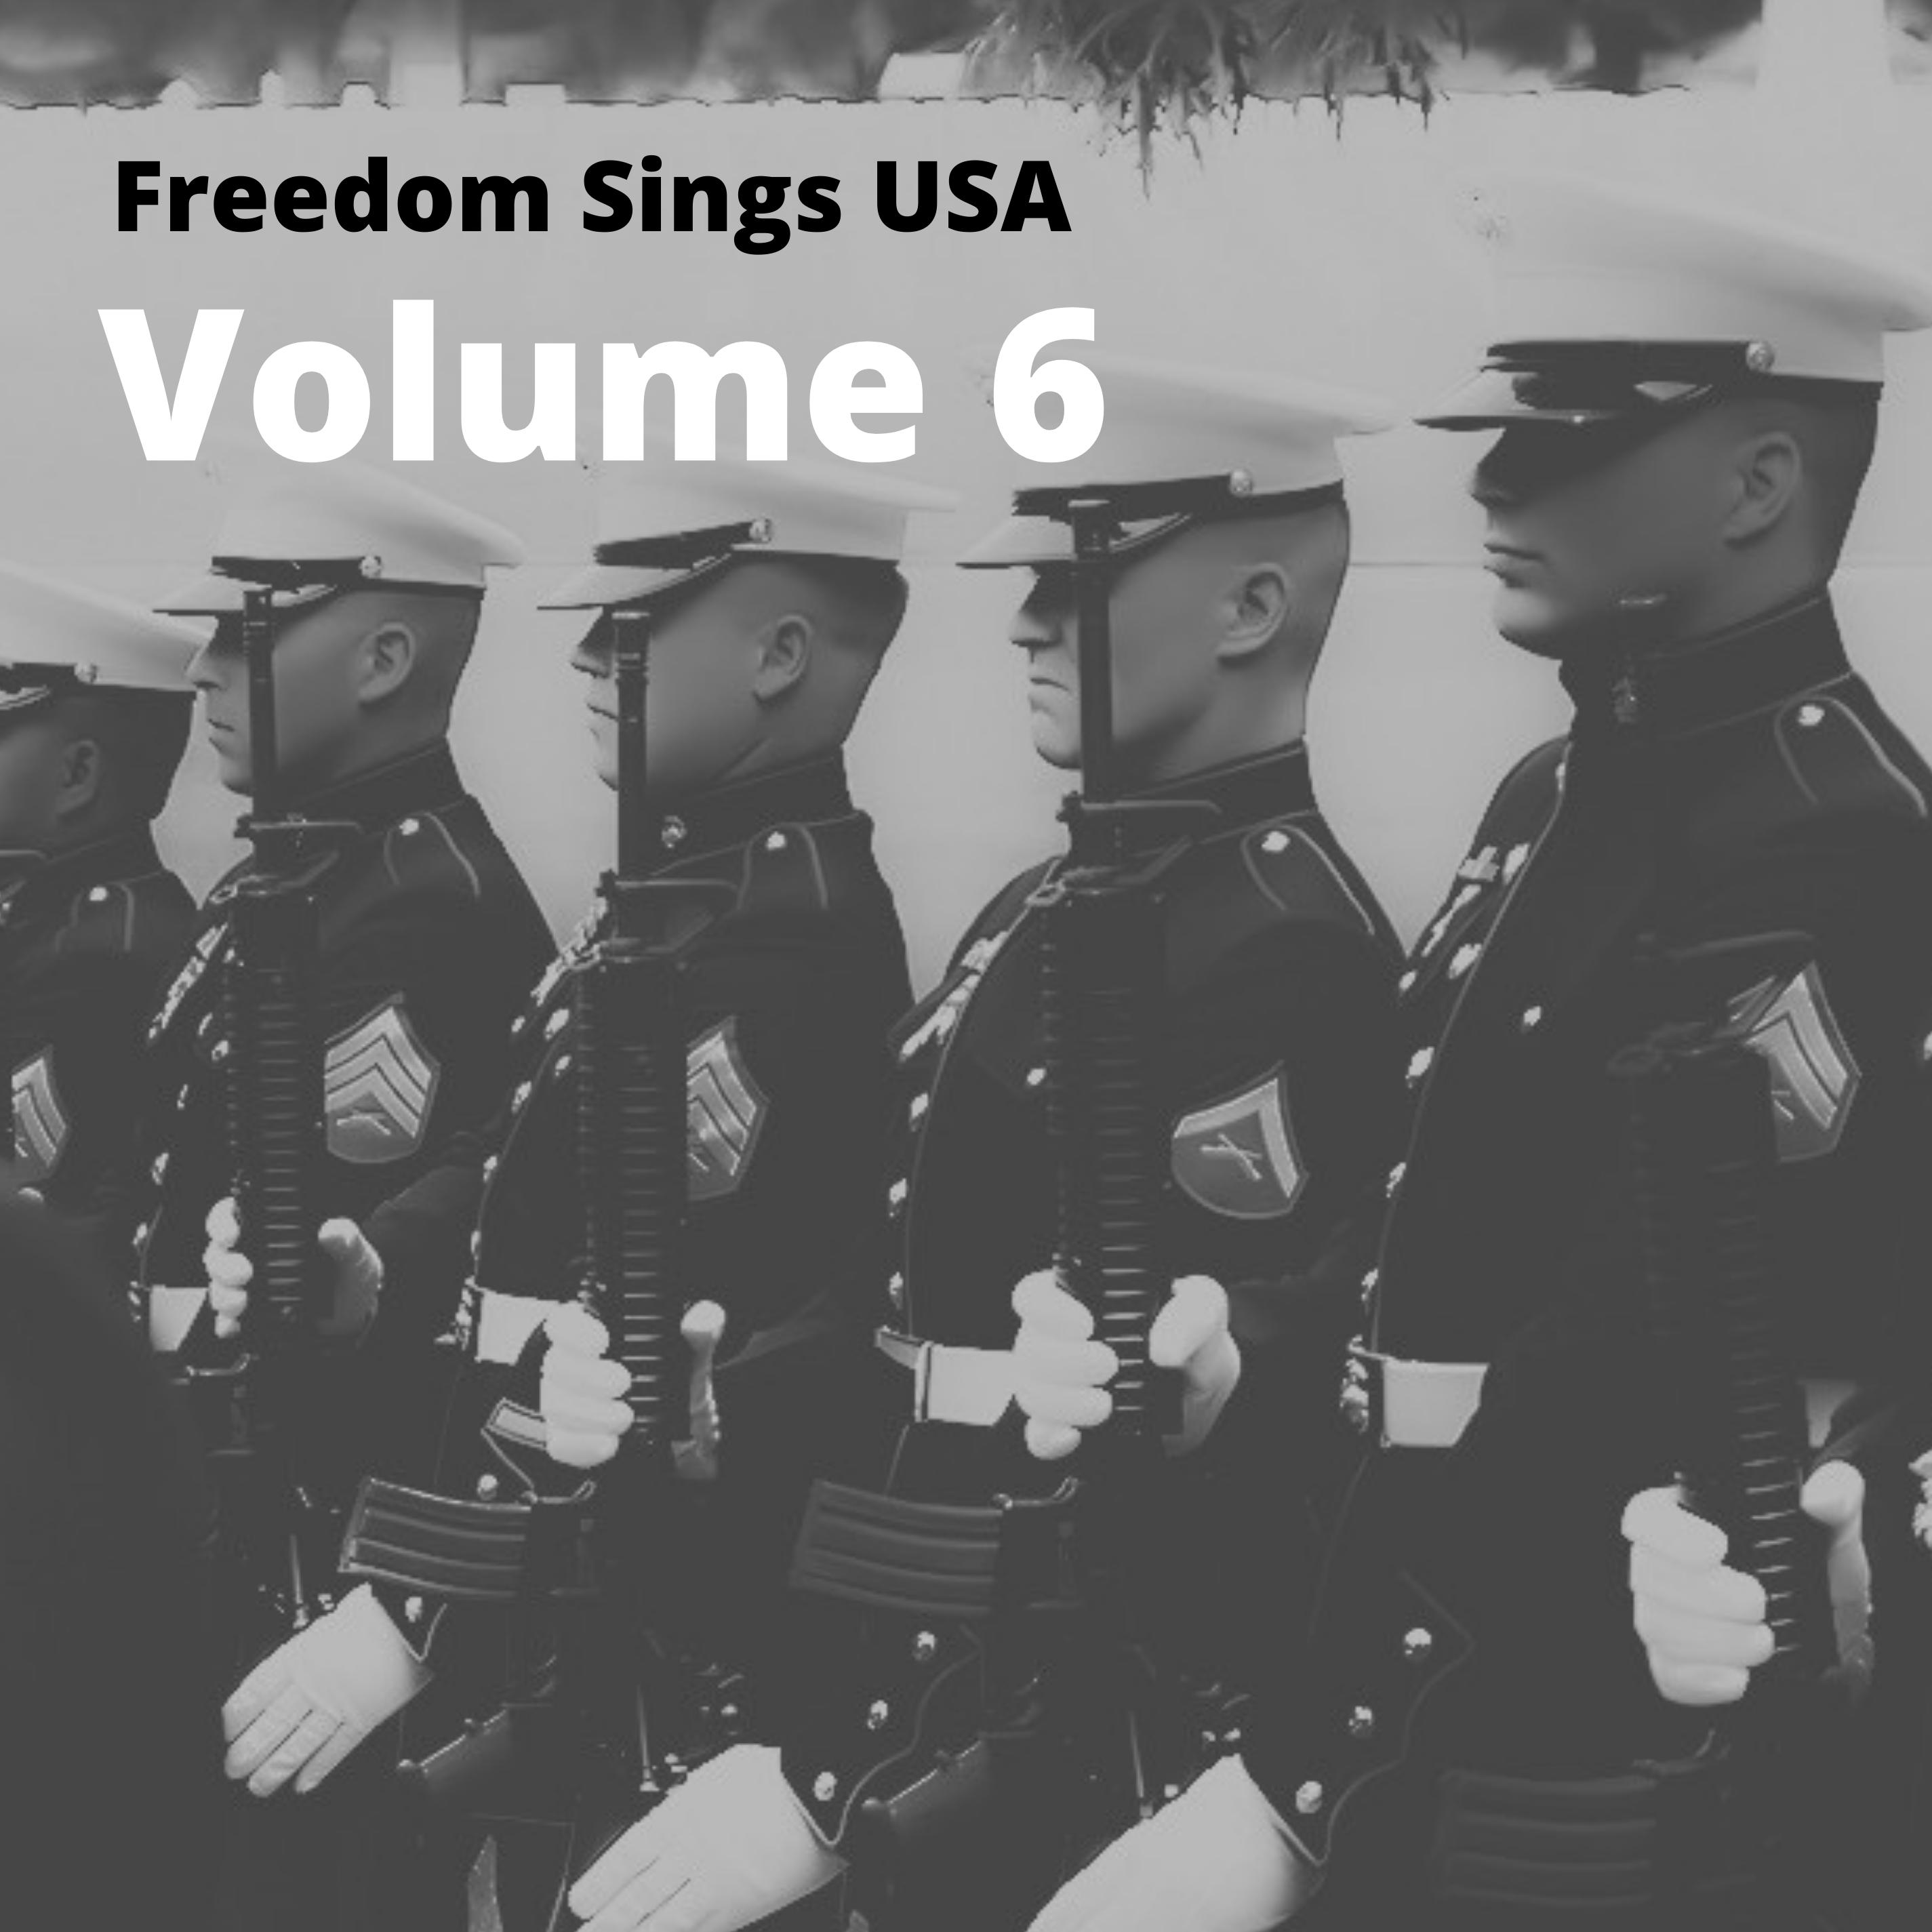 Freedom Sings USA Volume VI